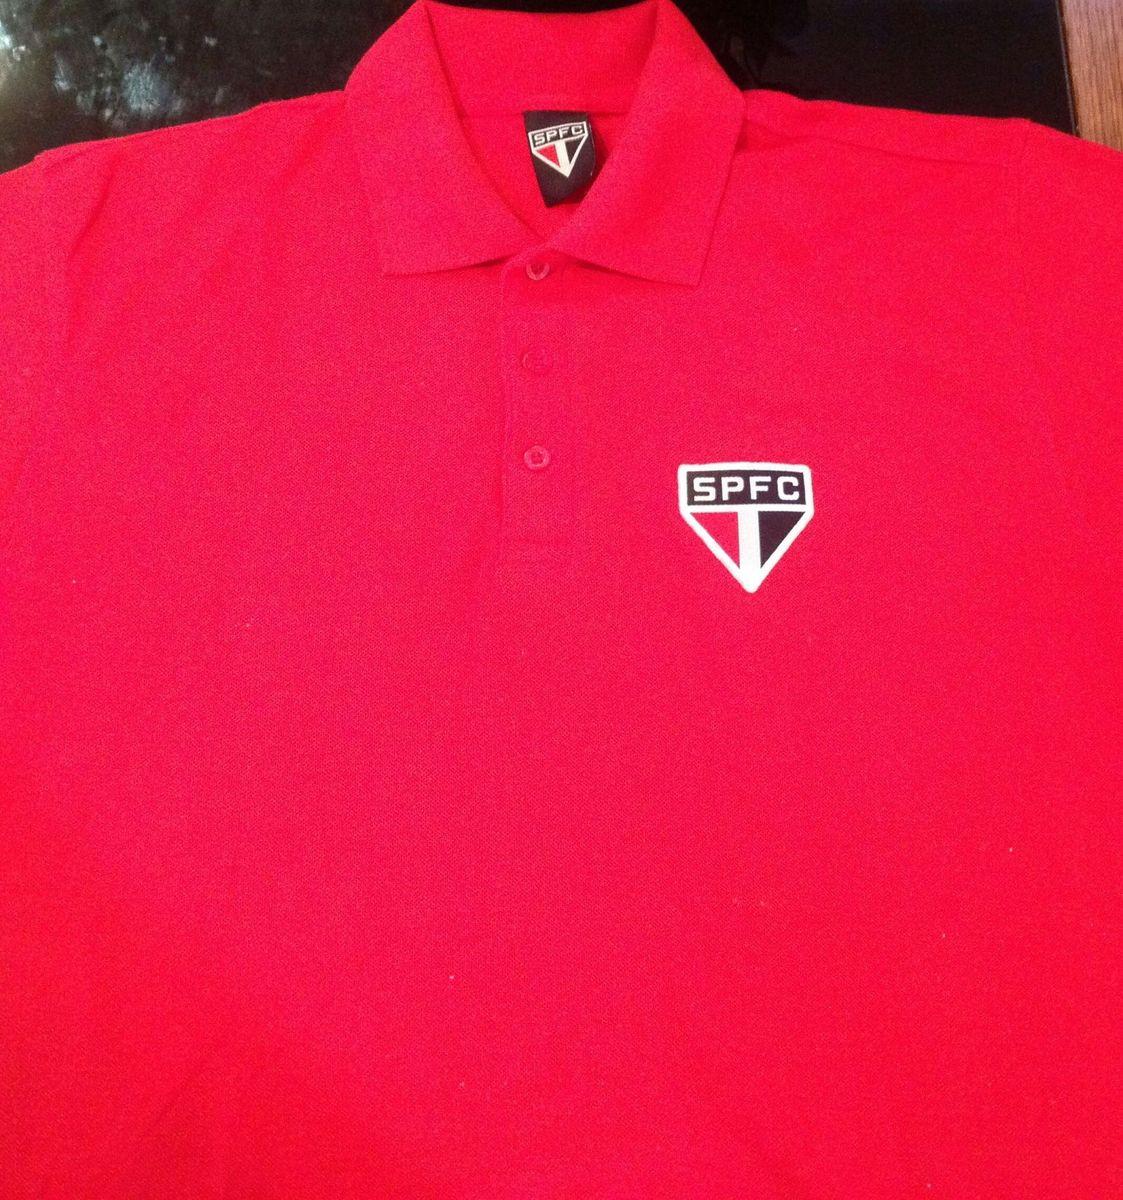 615a661341 camiseta polo vermelha são paulo futebol clube - camisetas são paulo